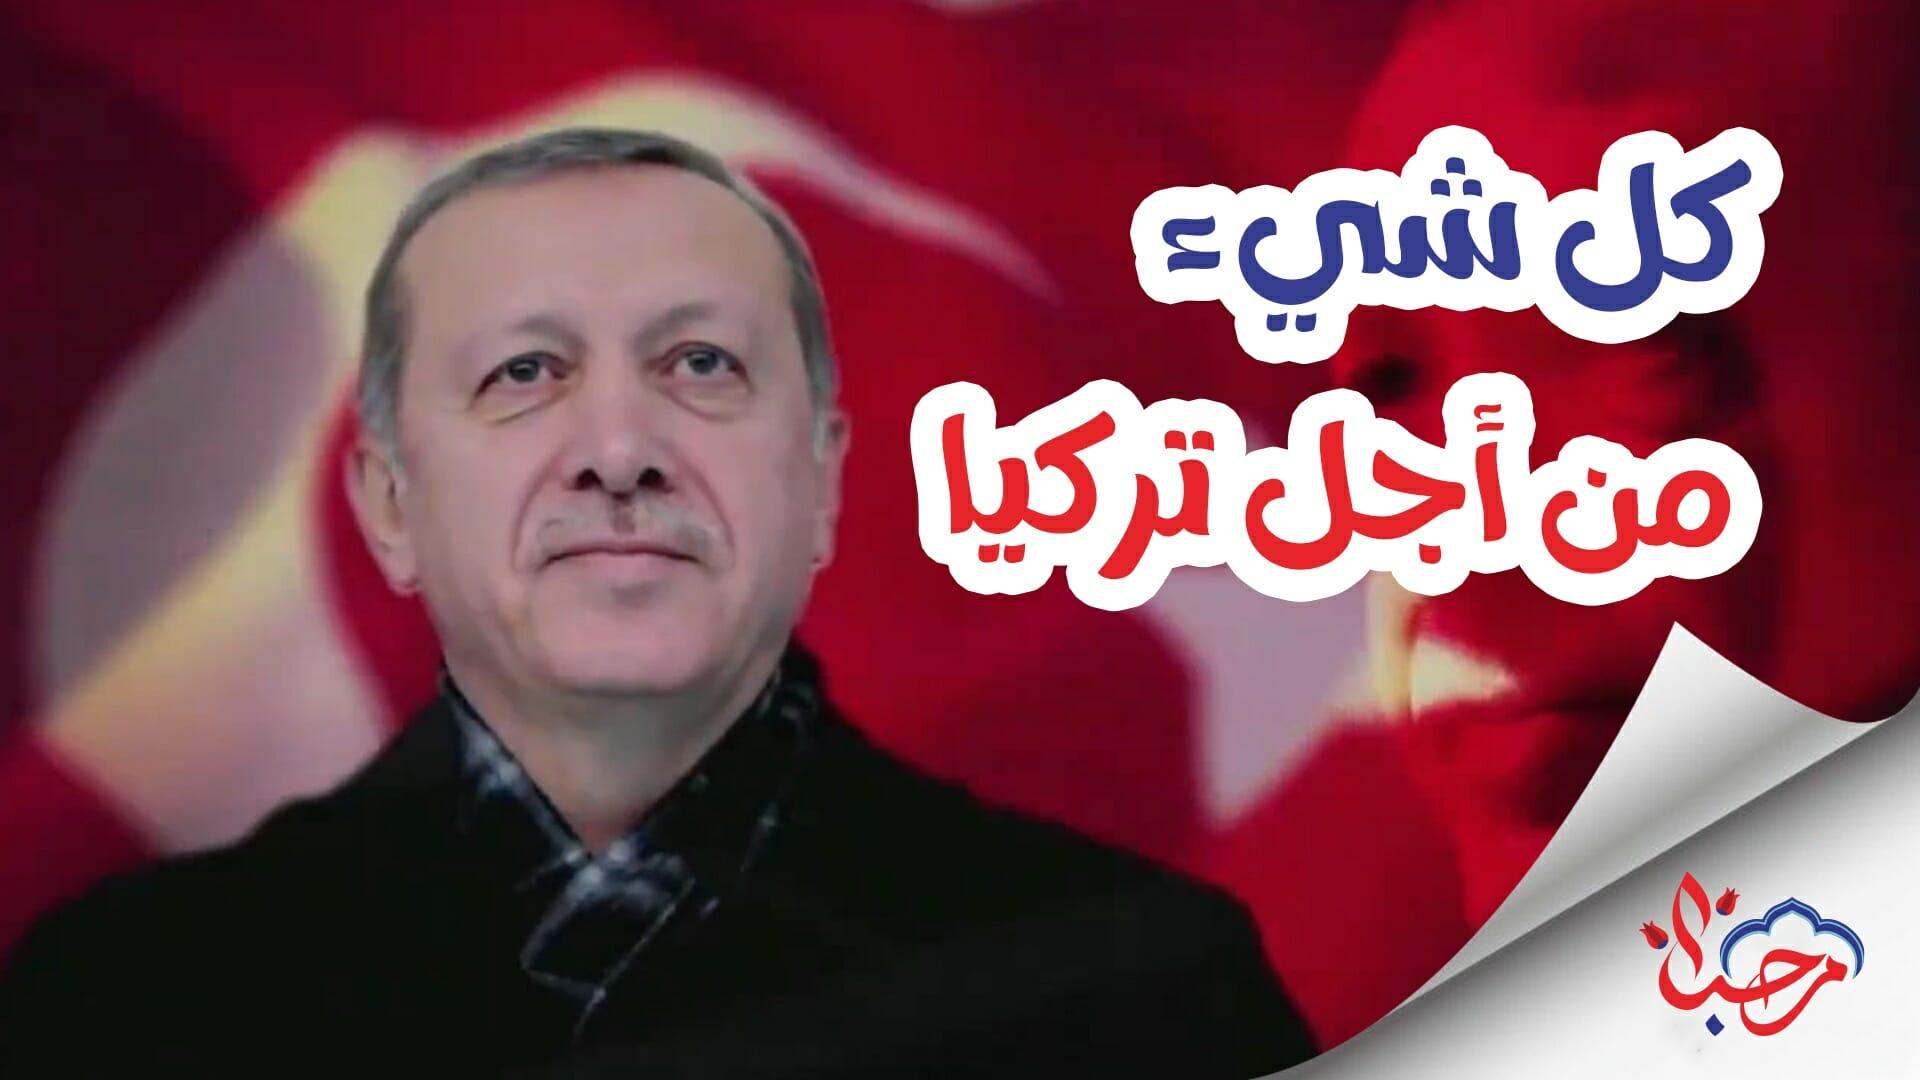 - حكومة العدالة والتنمية التركية إنجازات 18 عاما تنير طريق الغد